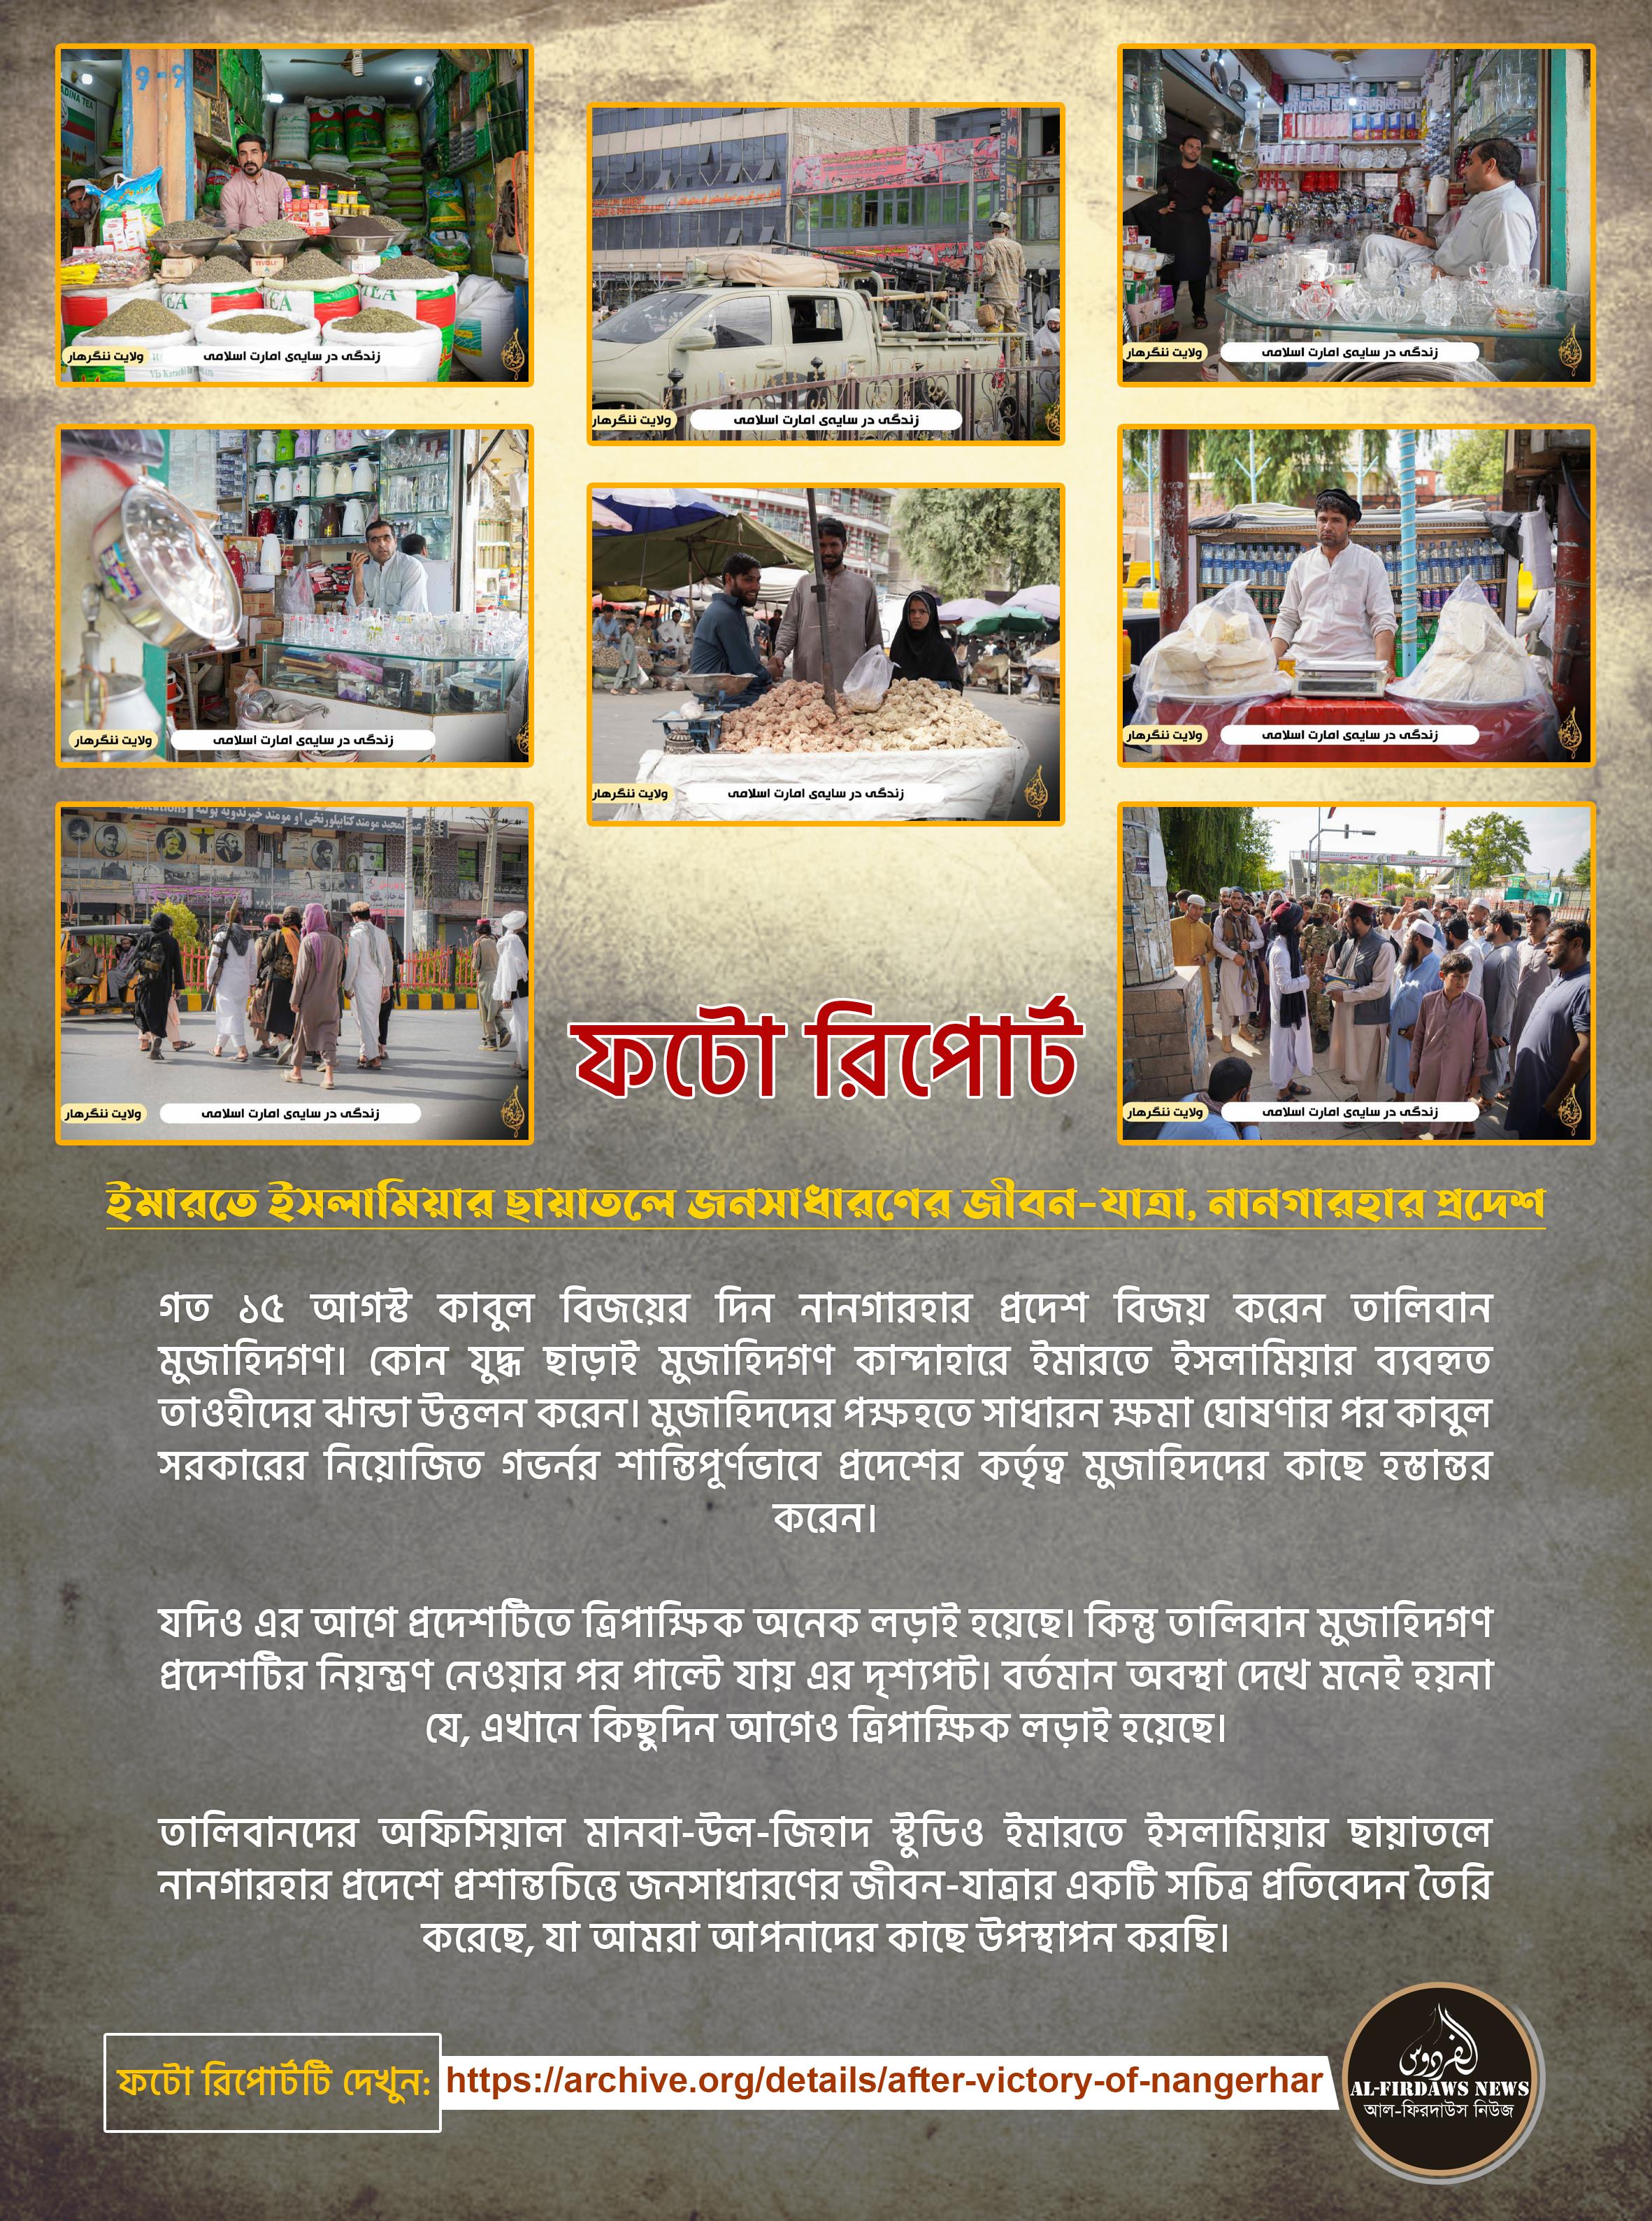 ফটো রিপোর্ট | ইমারতে ইসলামিয়ার ছায়াতলে জনসাধারণের জীবন-যাত্রা, নানগারহার প্রদেশ